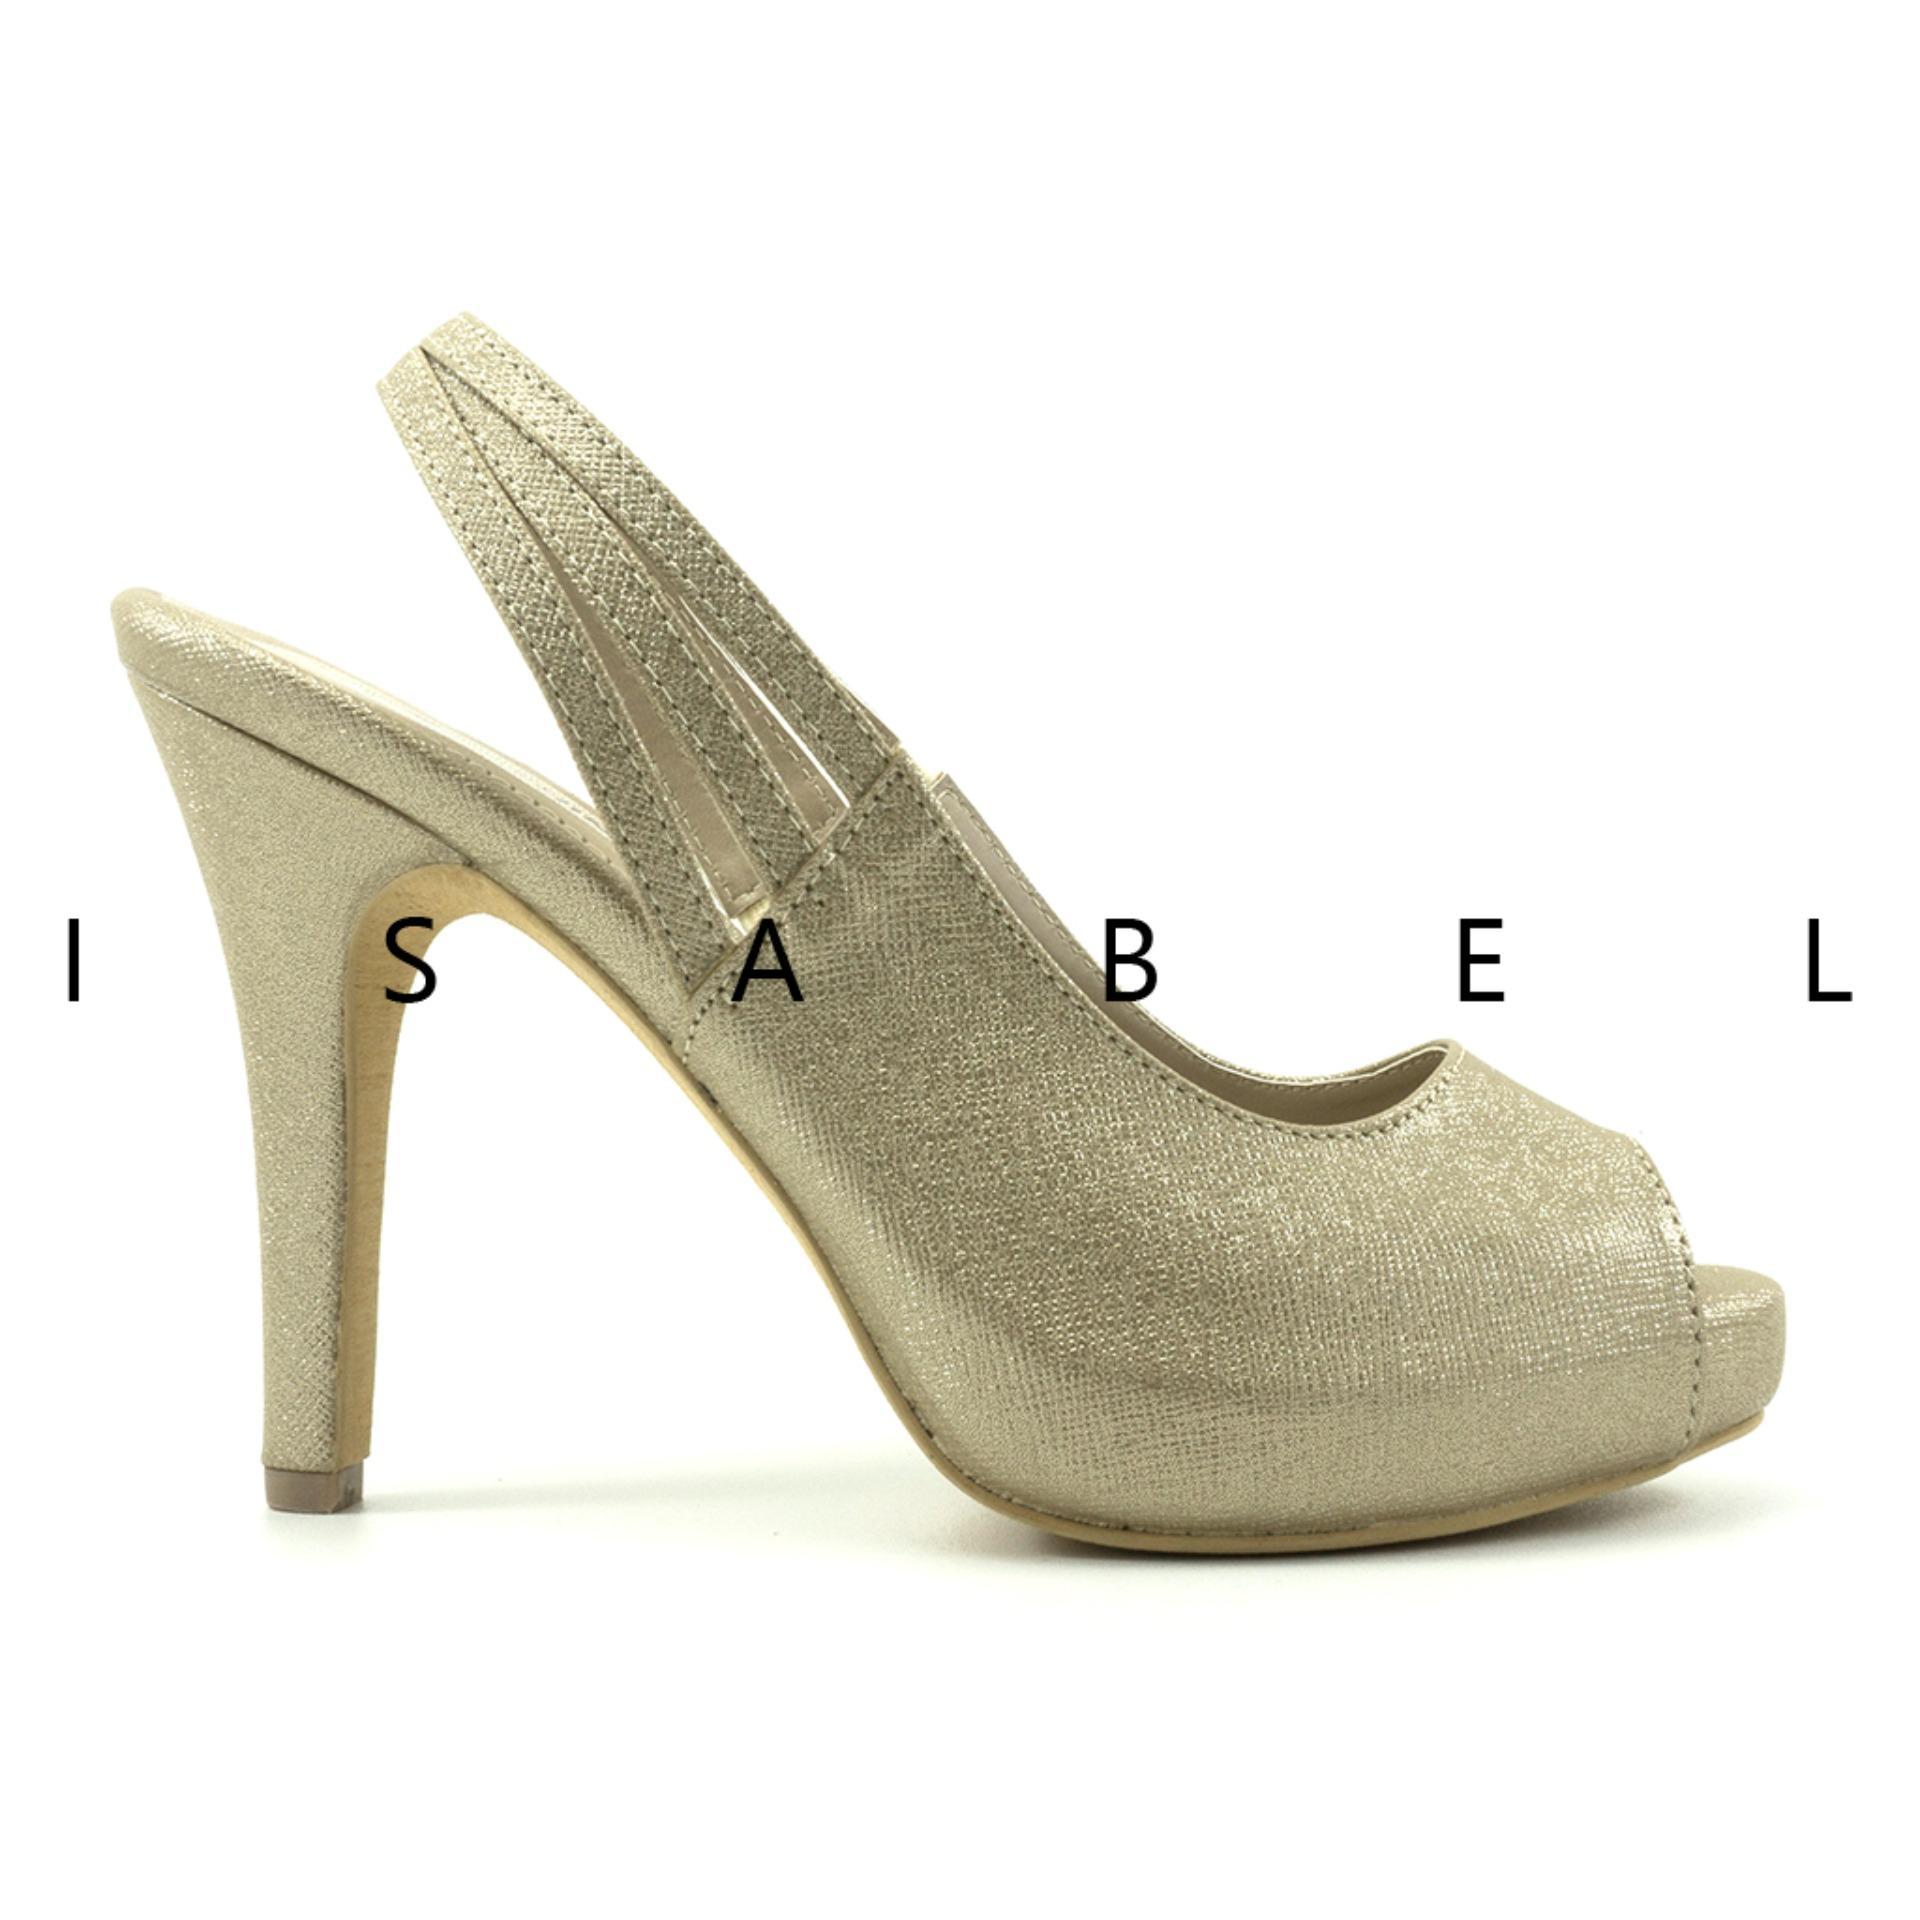 Isabel - Sepatu Wanita Hak Tinggi GISELE Heels - Gold .